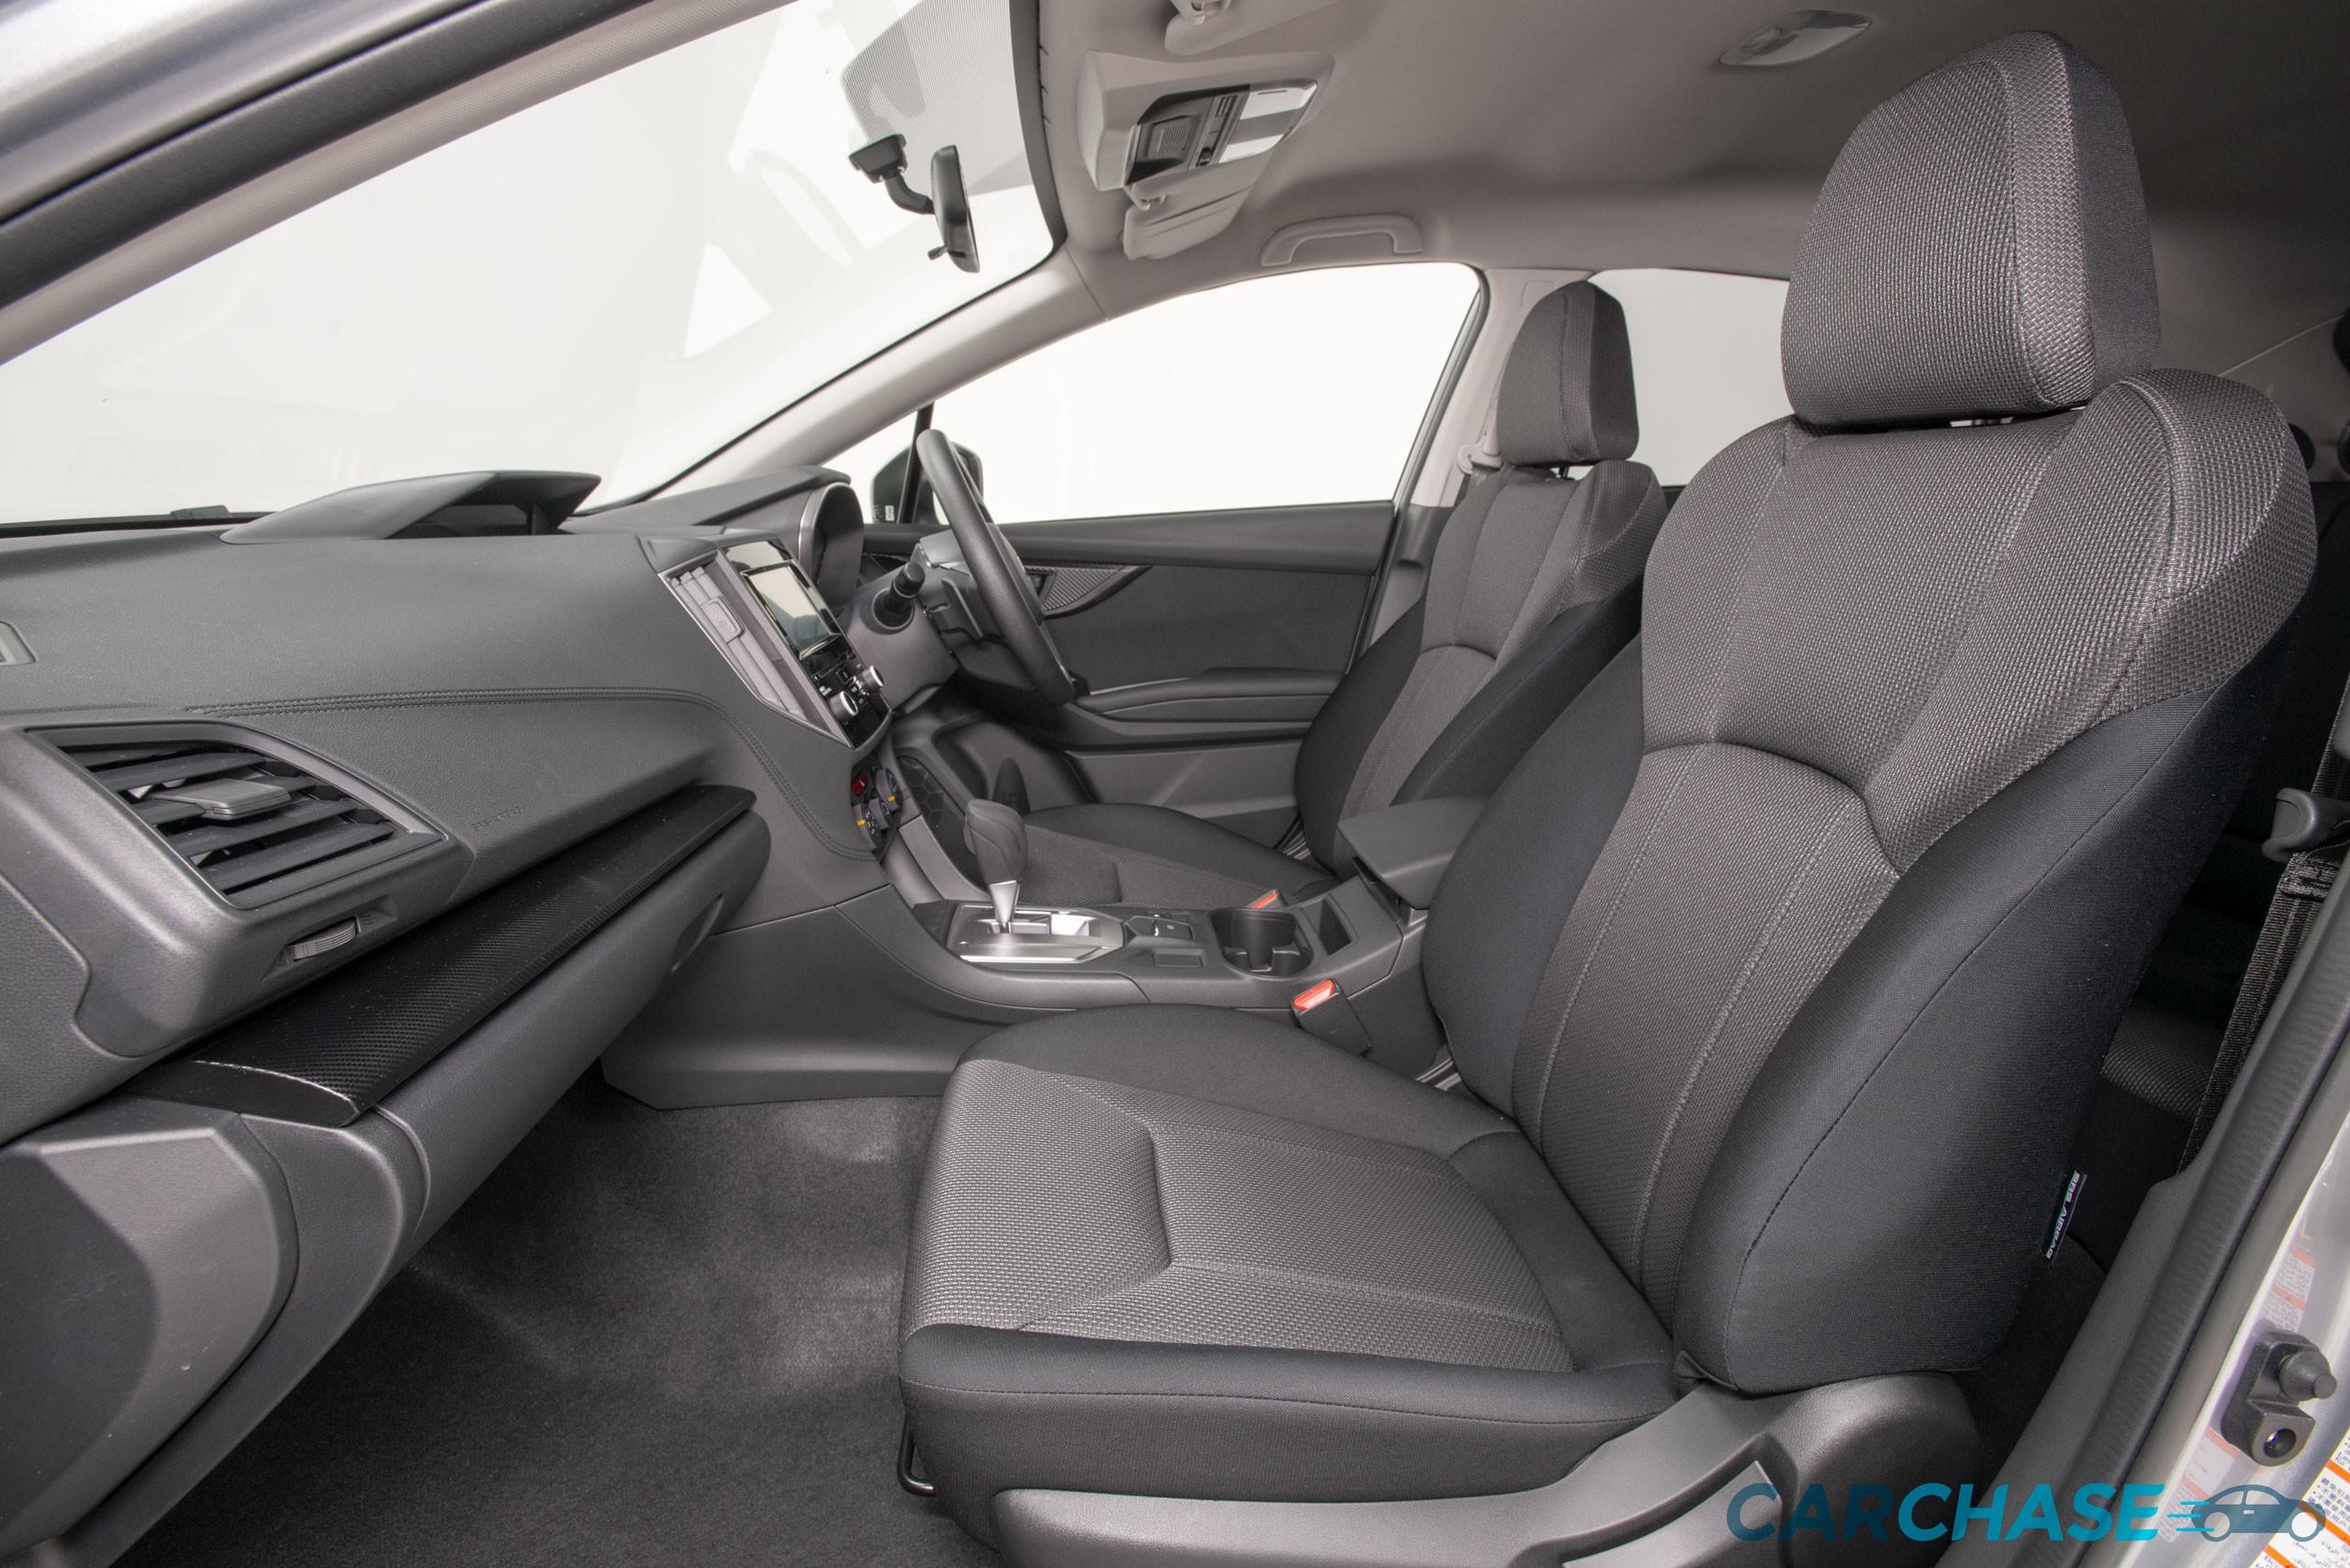 Image of passenger front profile of 2018 Subaru Impreza 2.0i